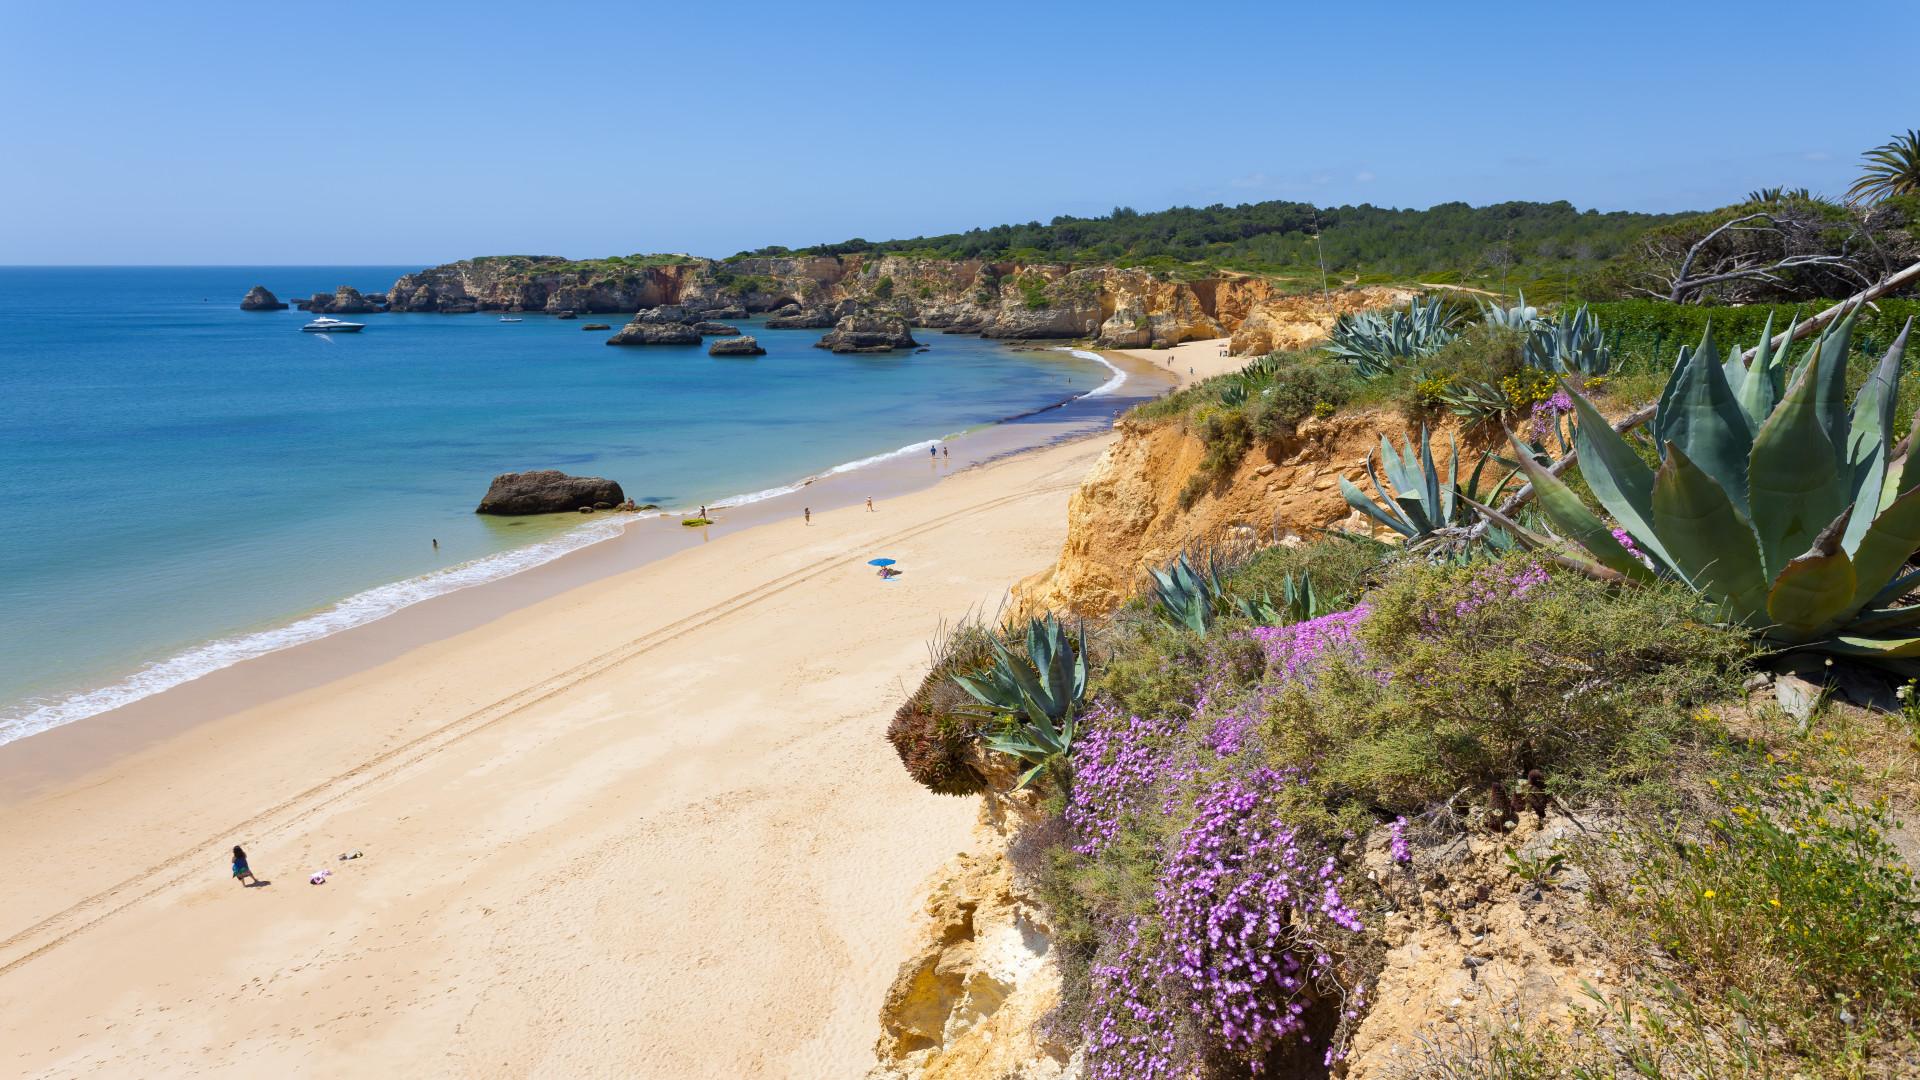 Strand Praia Vau, Algarve, Portugal, strand, zee, groene heuvels, paarse bloemen